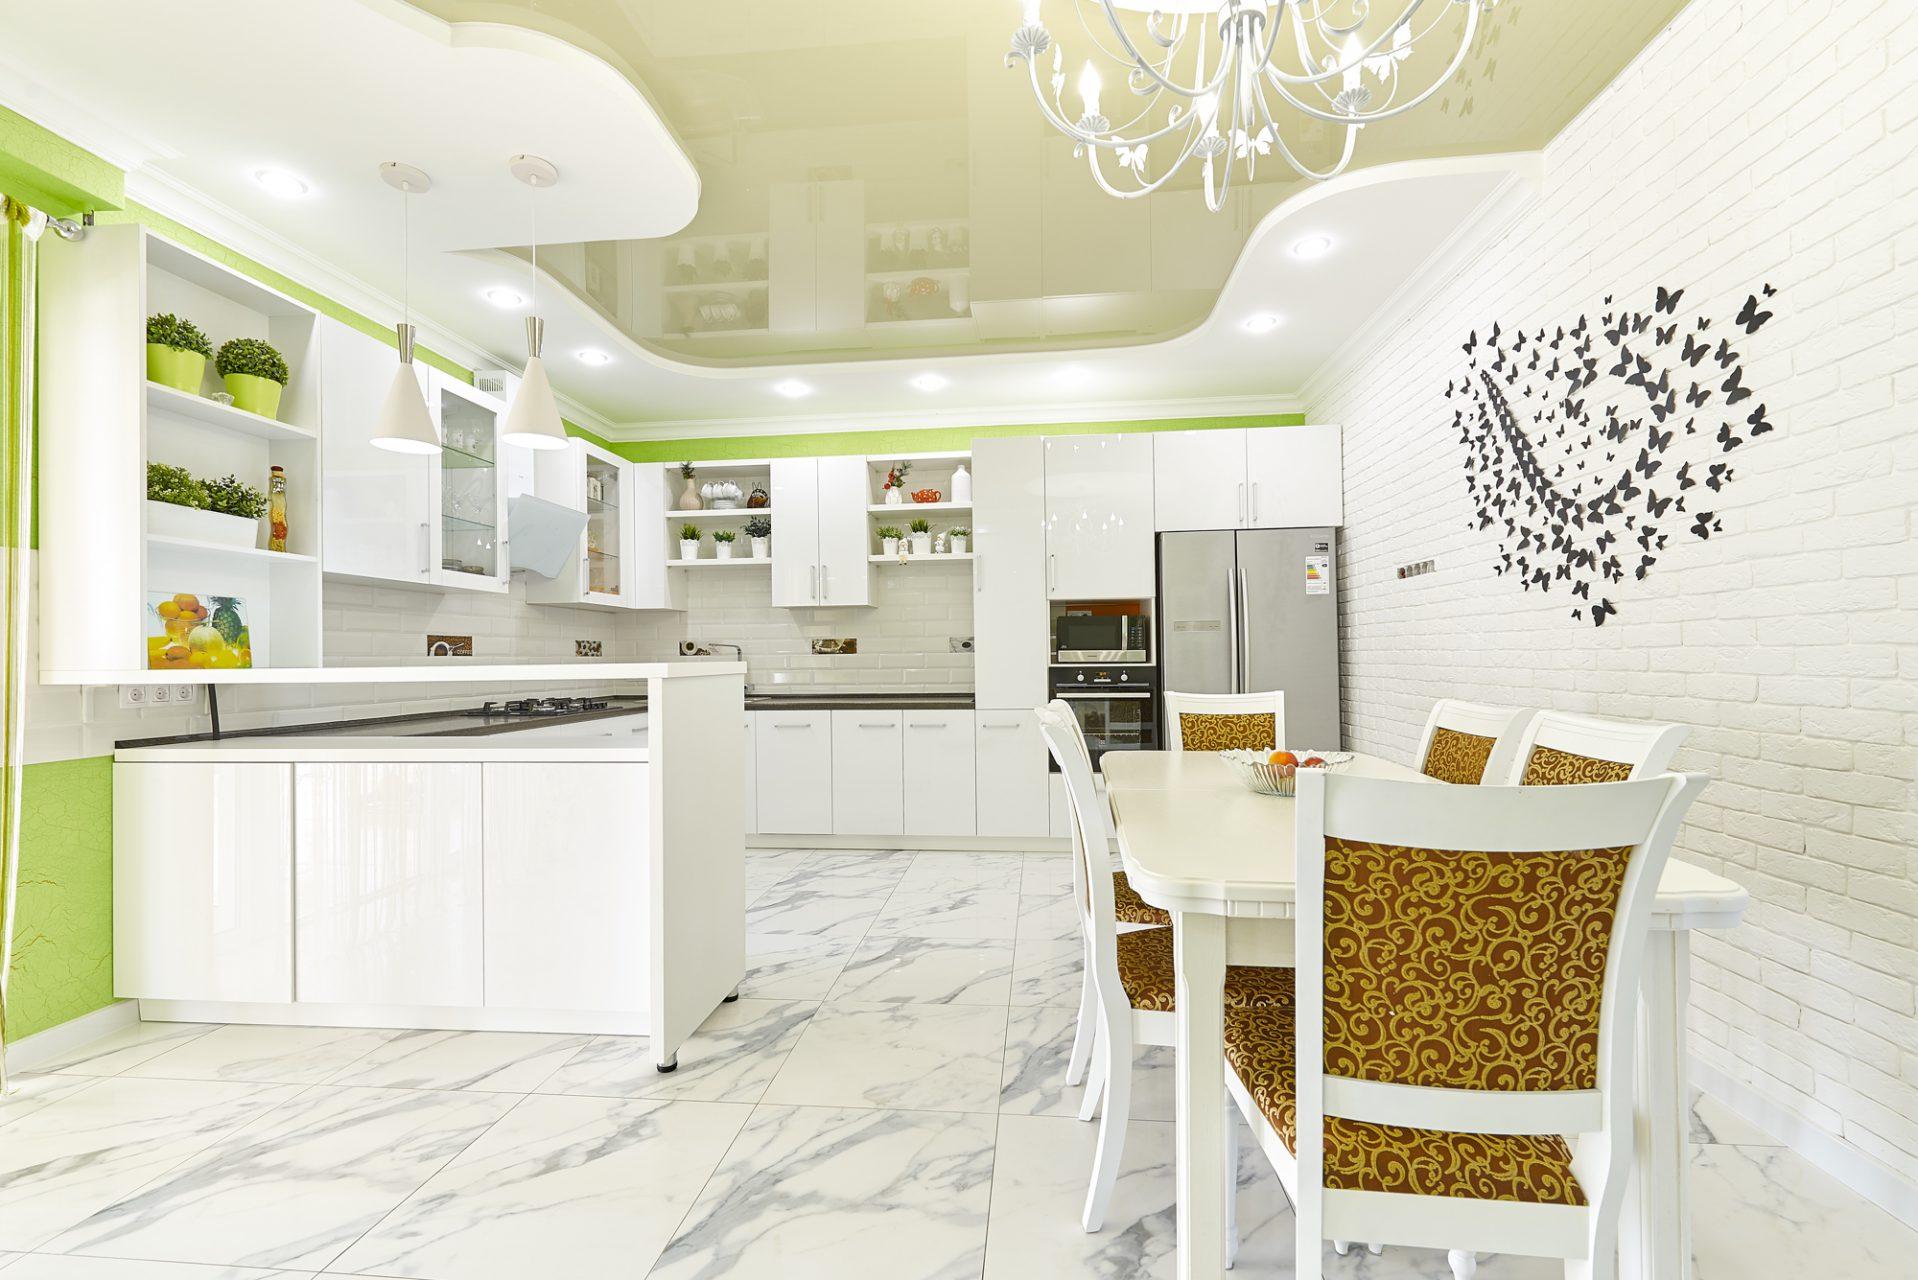 008_interior_kitchen1_korneychikeu